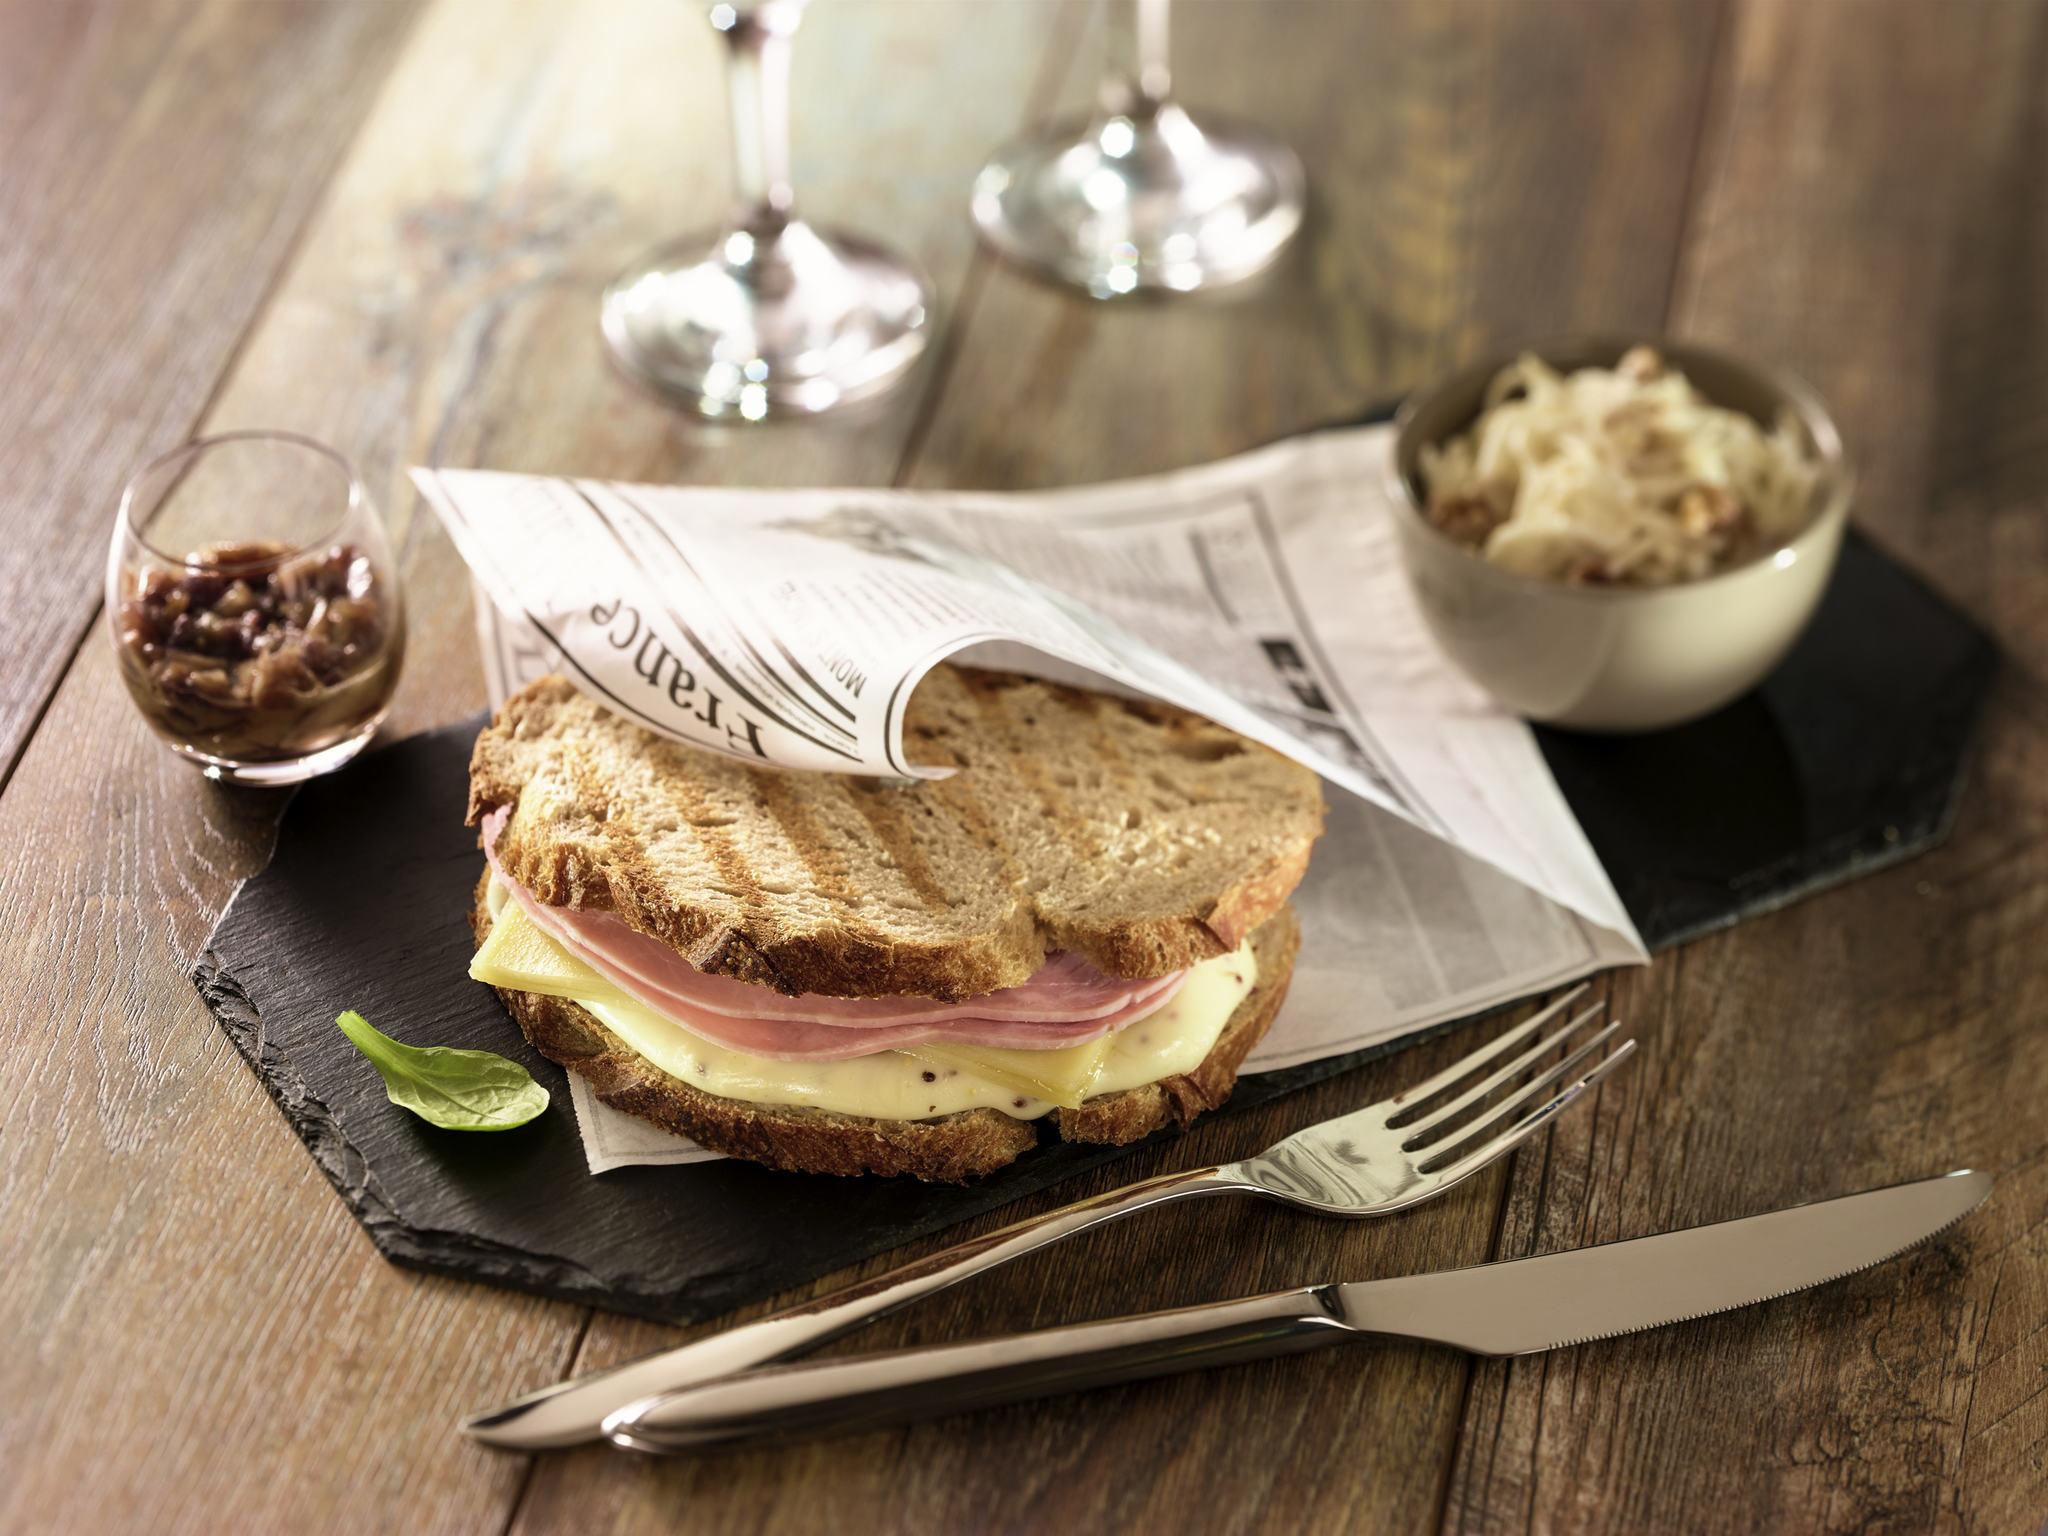 Cuisine thionville cuisine with cuisine thionville - Chef de cuisine luxembourg ...